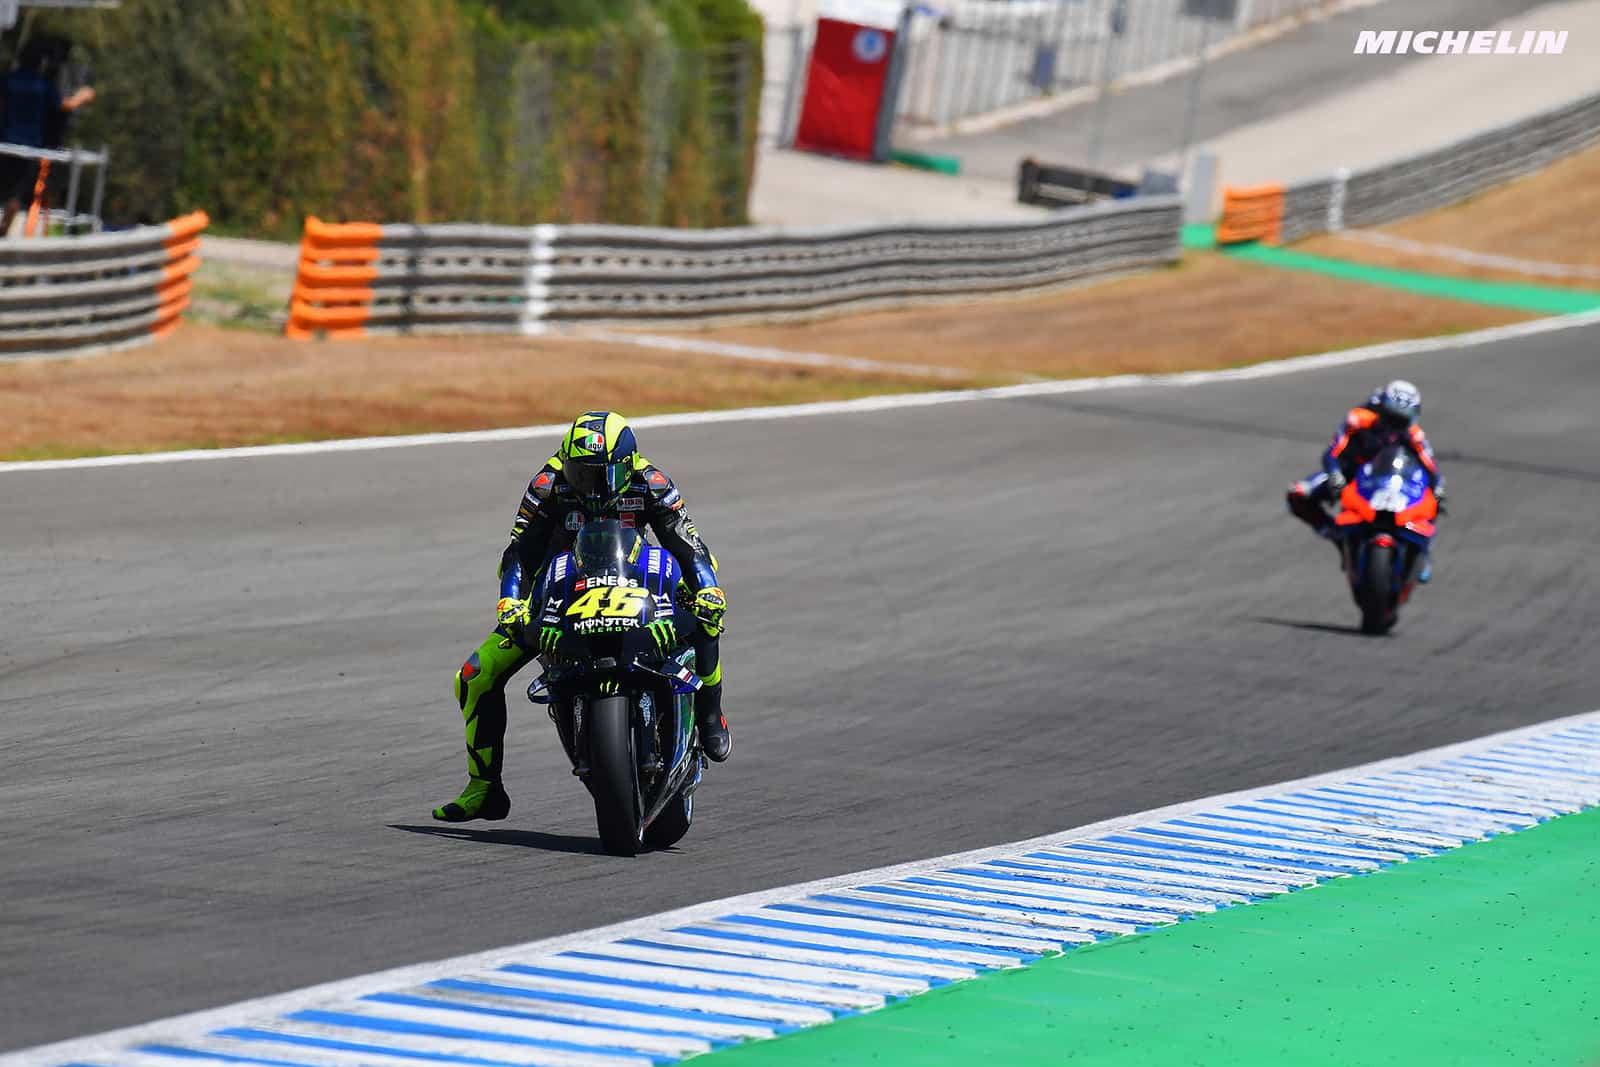 スペインGP バレンティーノ・ロッシ「警告灯が点灯したためバイクを停止させた」